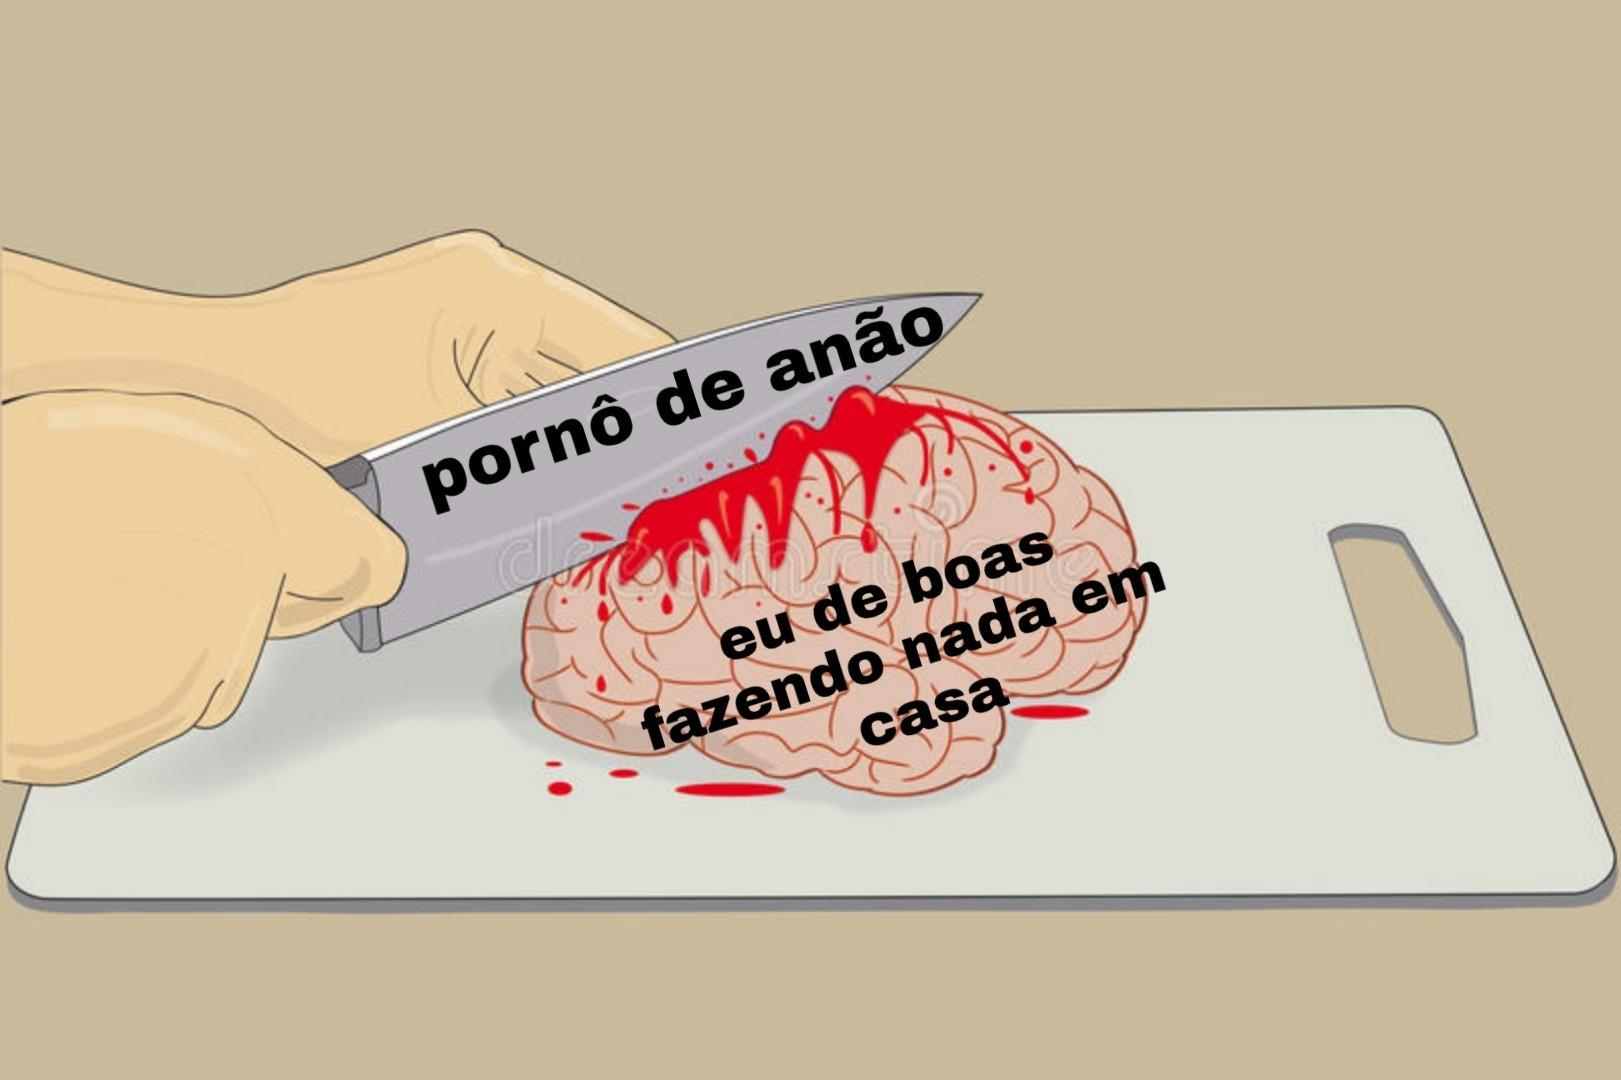 Anao - meme